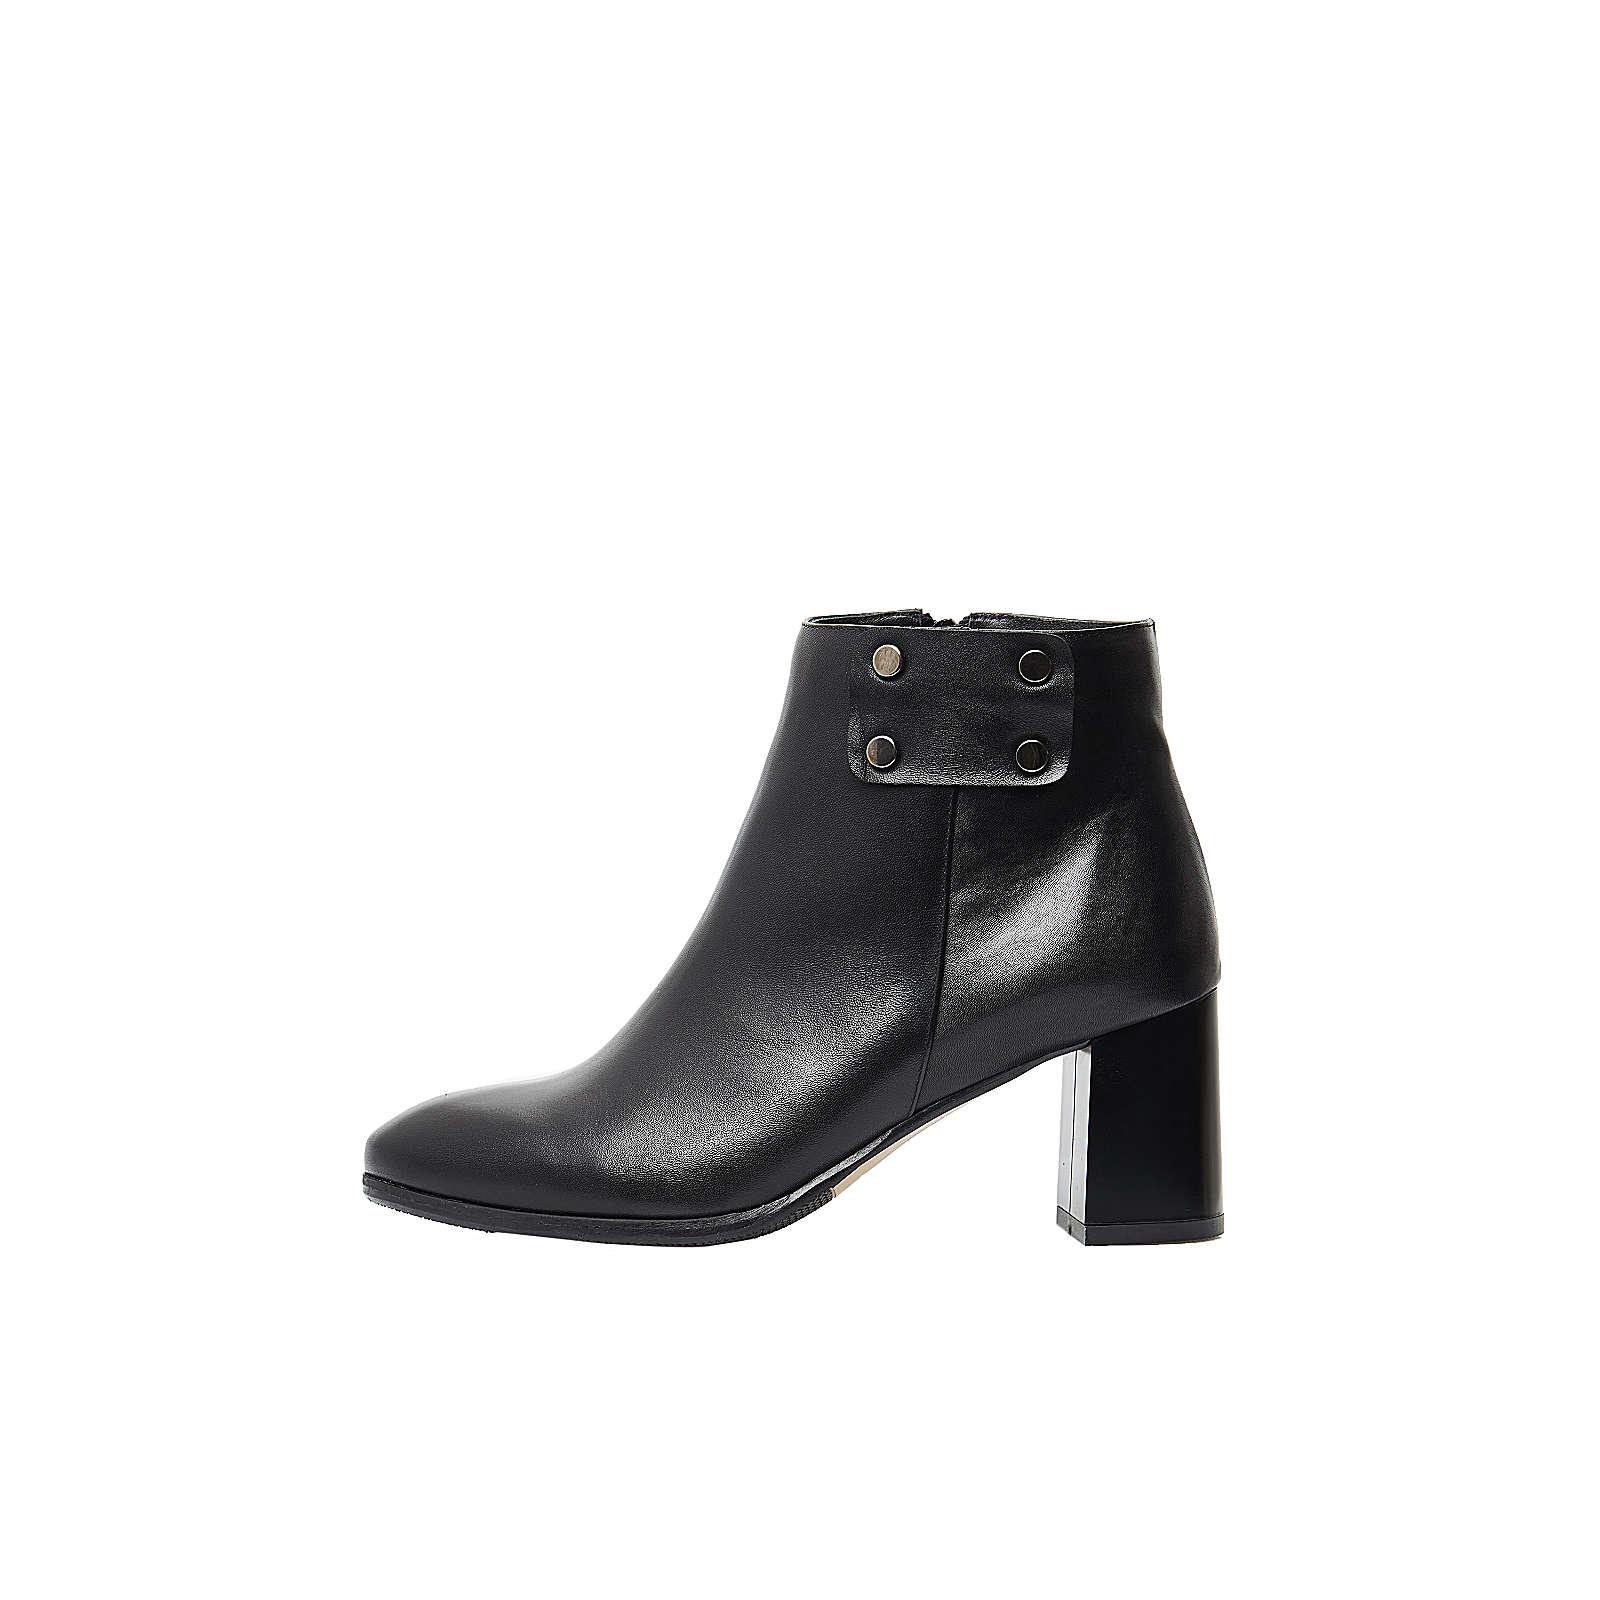 usha WHITE LABEL Modische Ankle Boots schwarz Damen Gr. 38